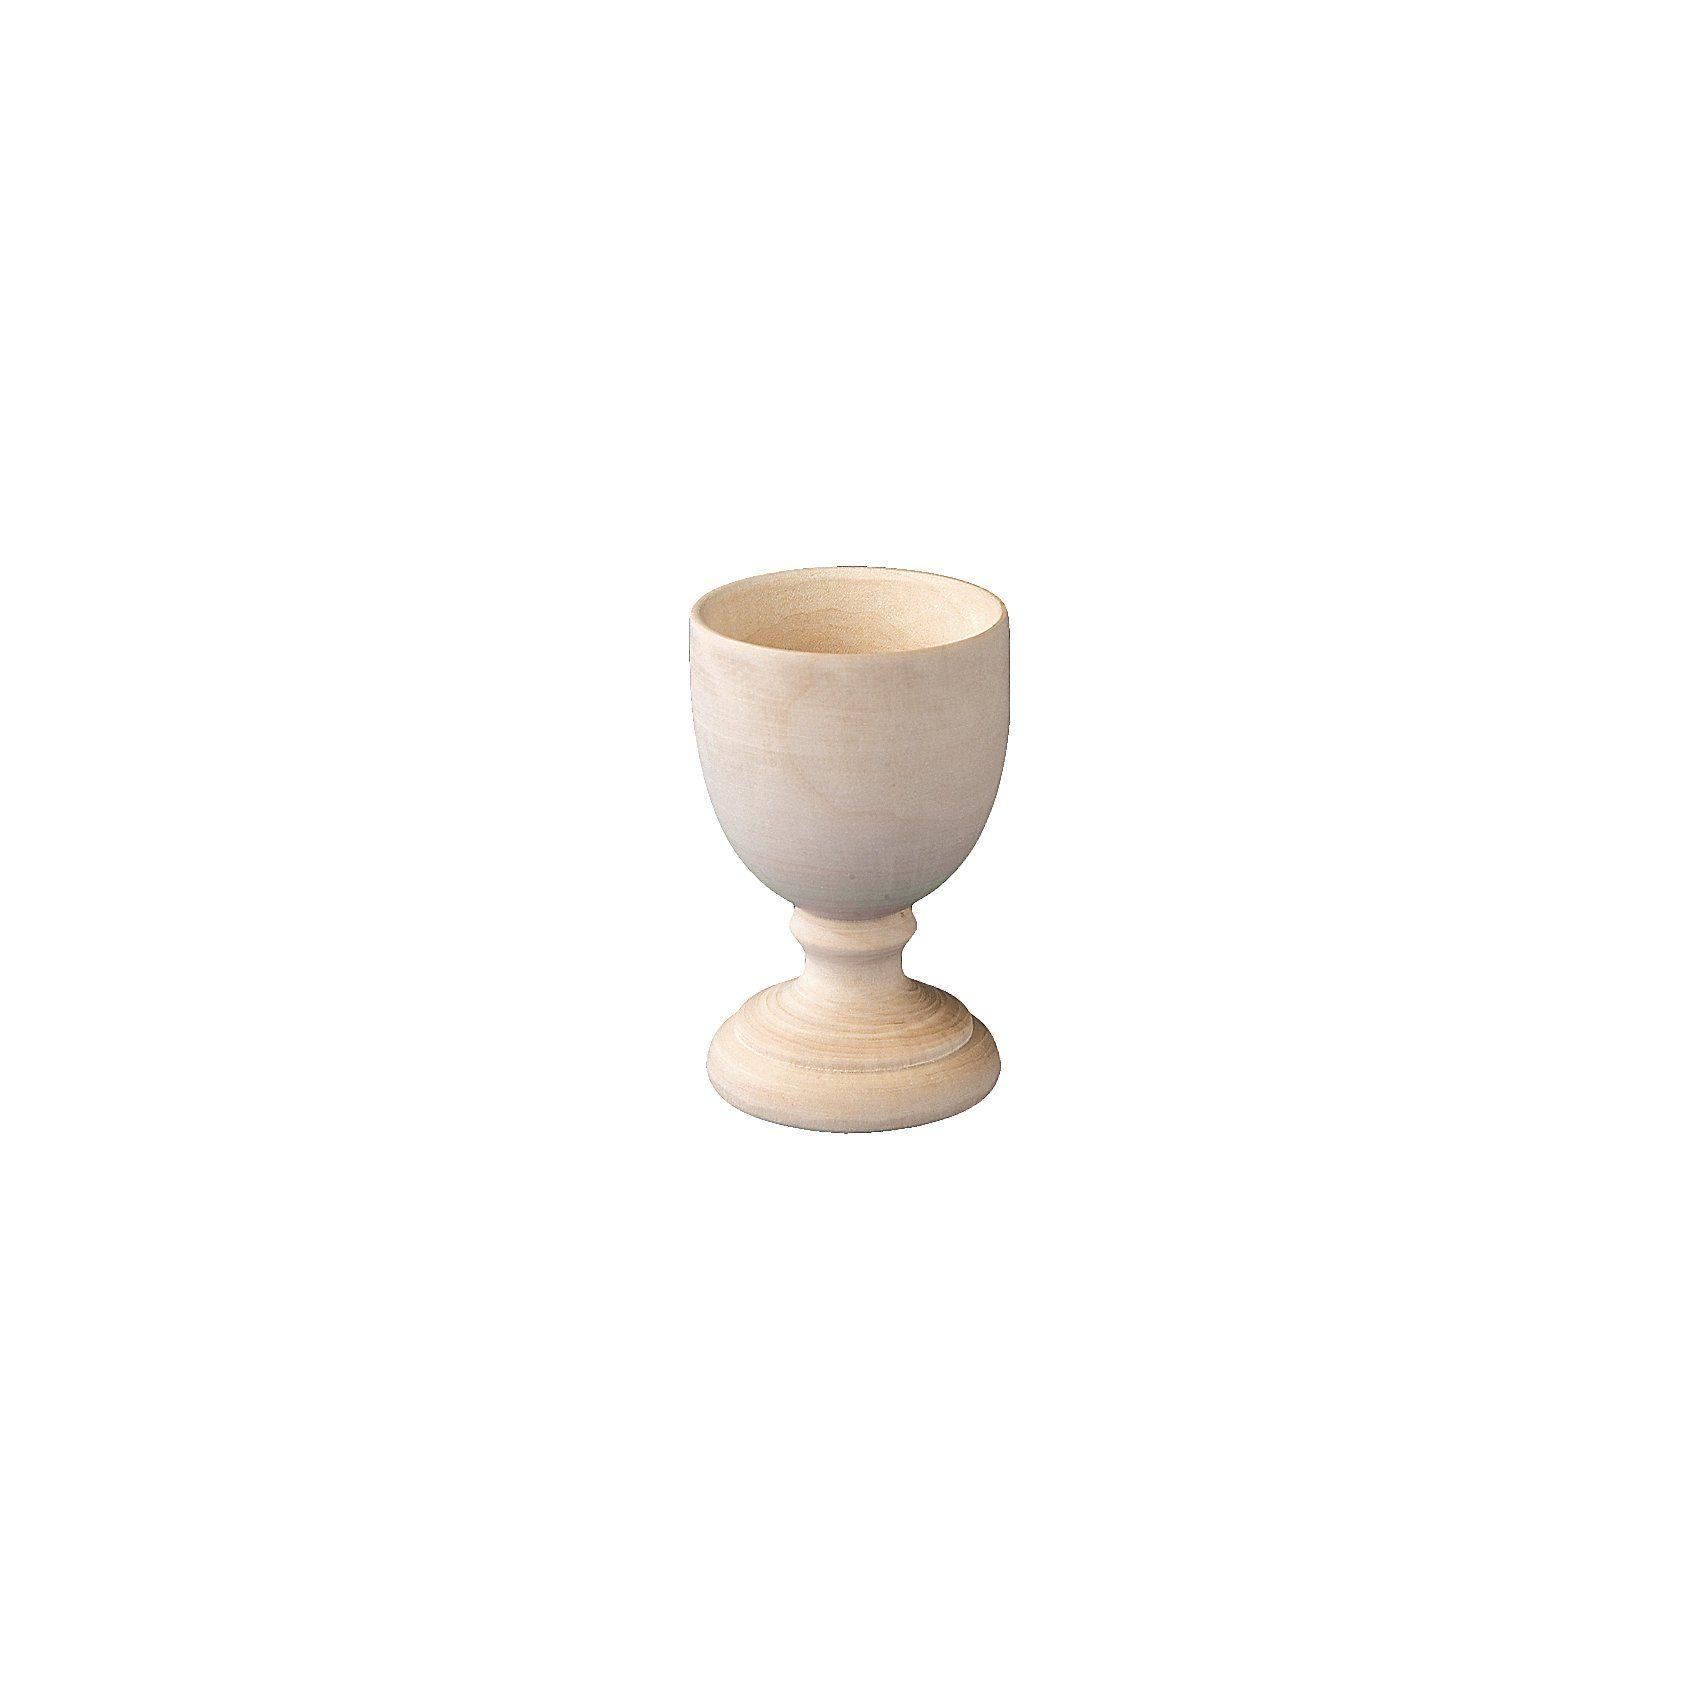 Playbox Holz-Eierbecher zum Gestalten, 10 Stück